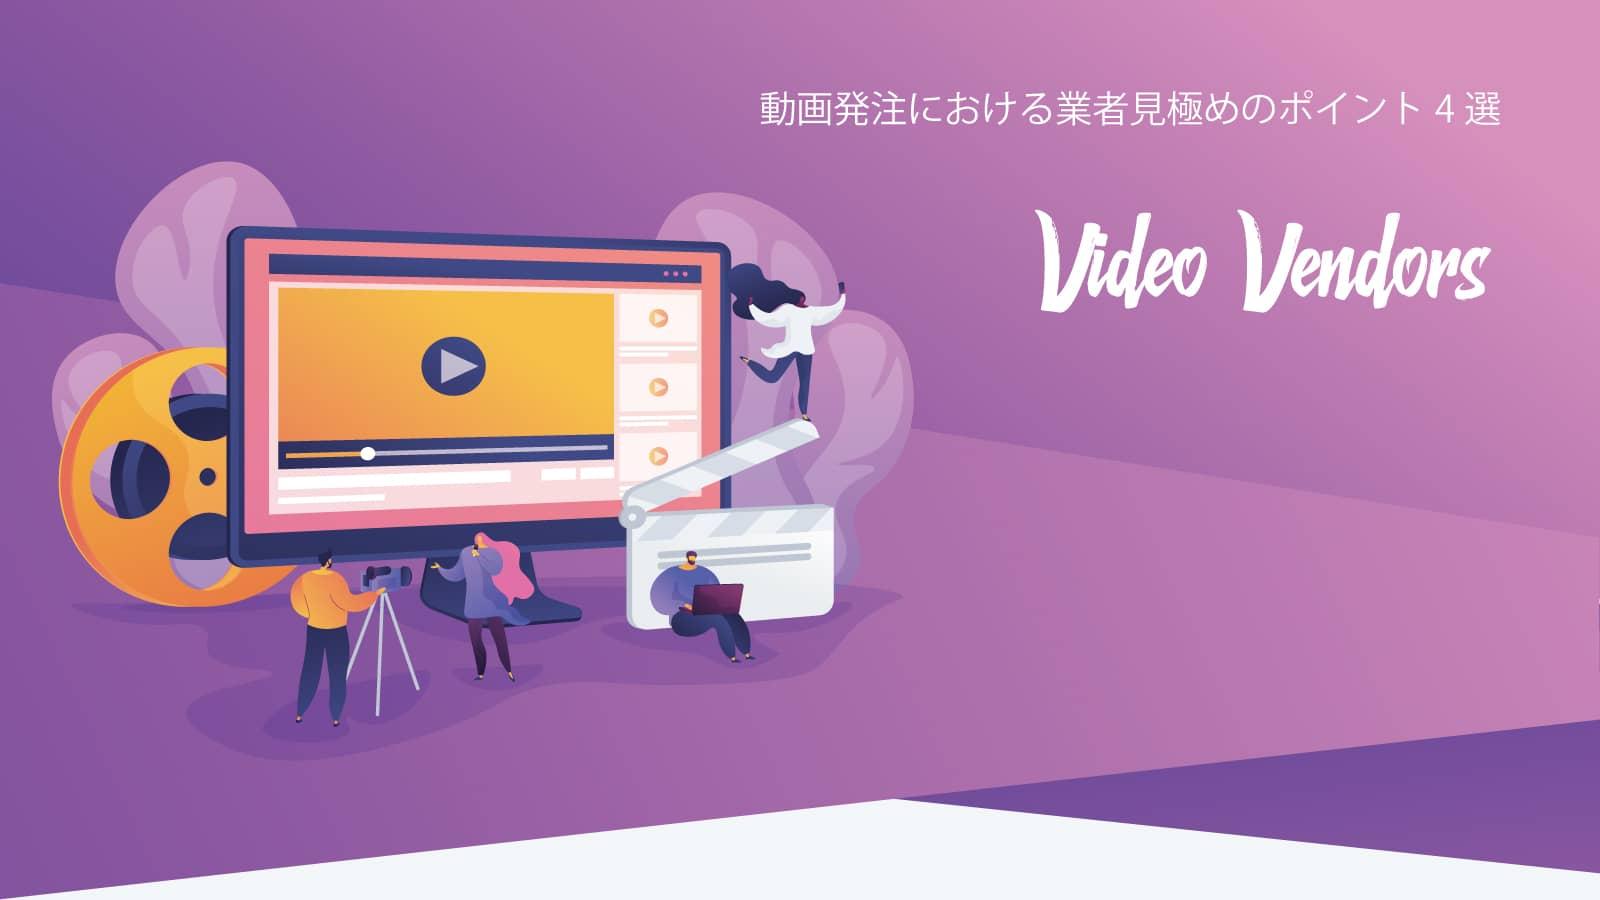 動画発注における業者見極めのポイント4選